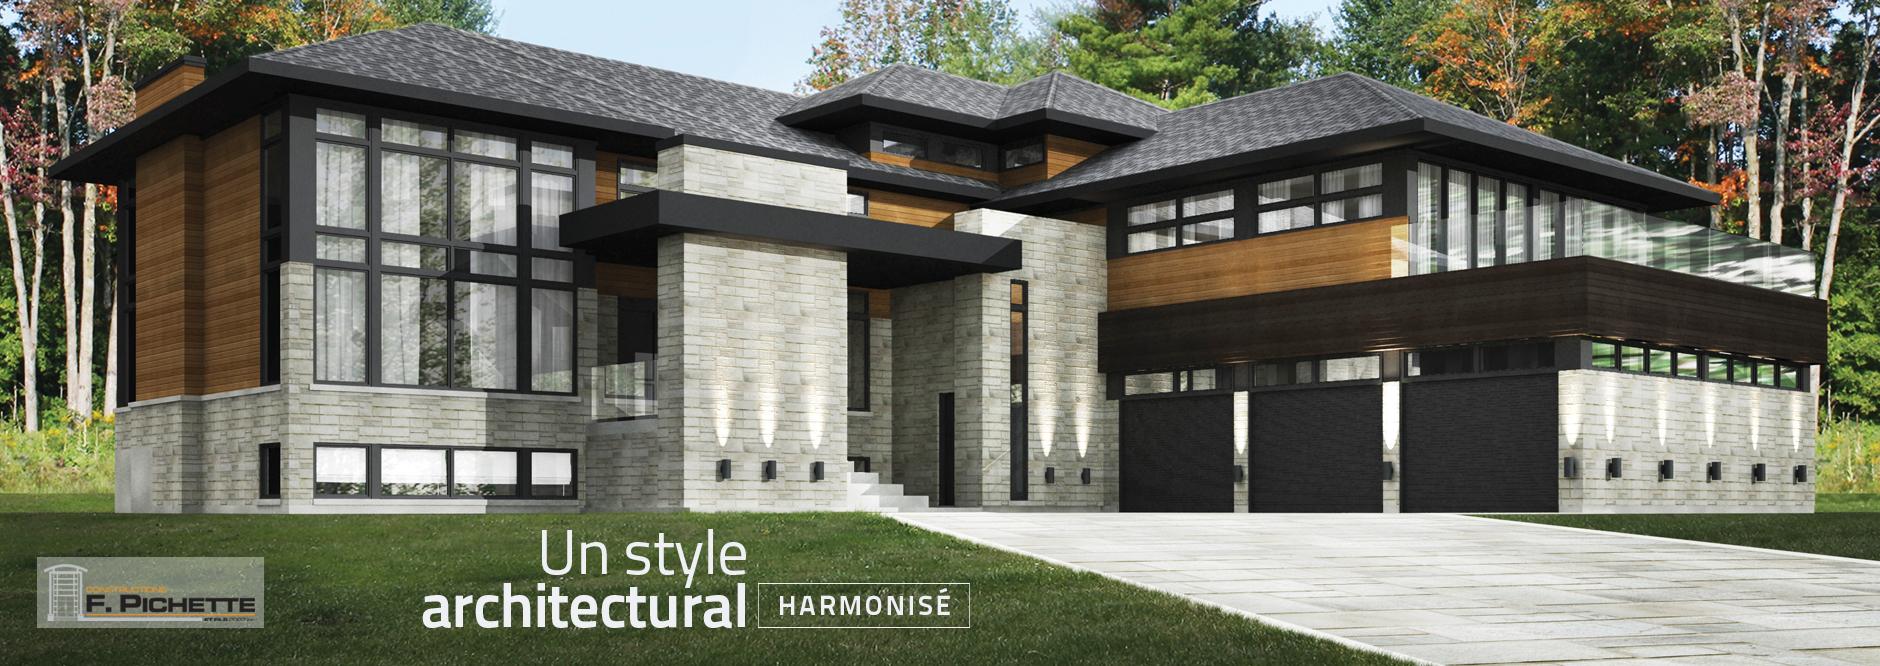 Un style architectural harmonisé